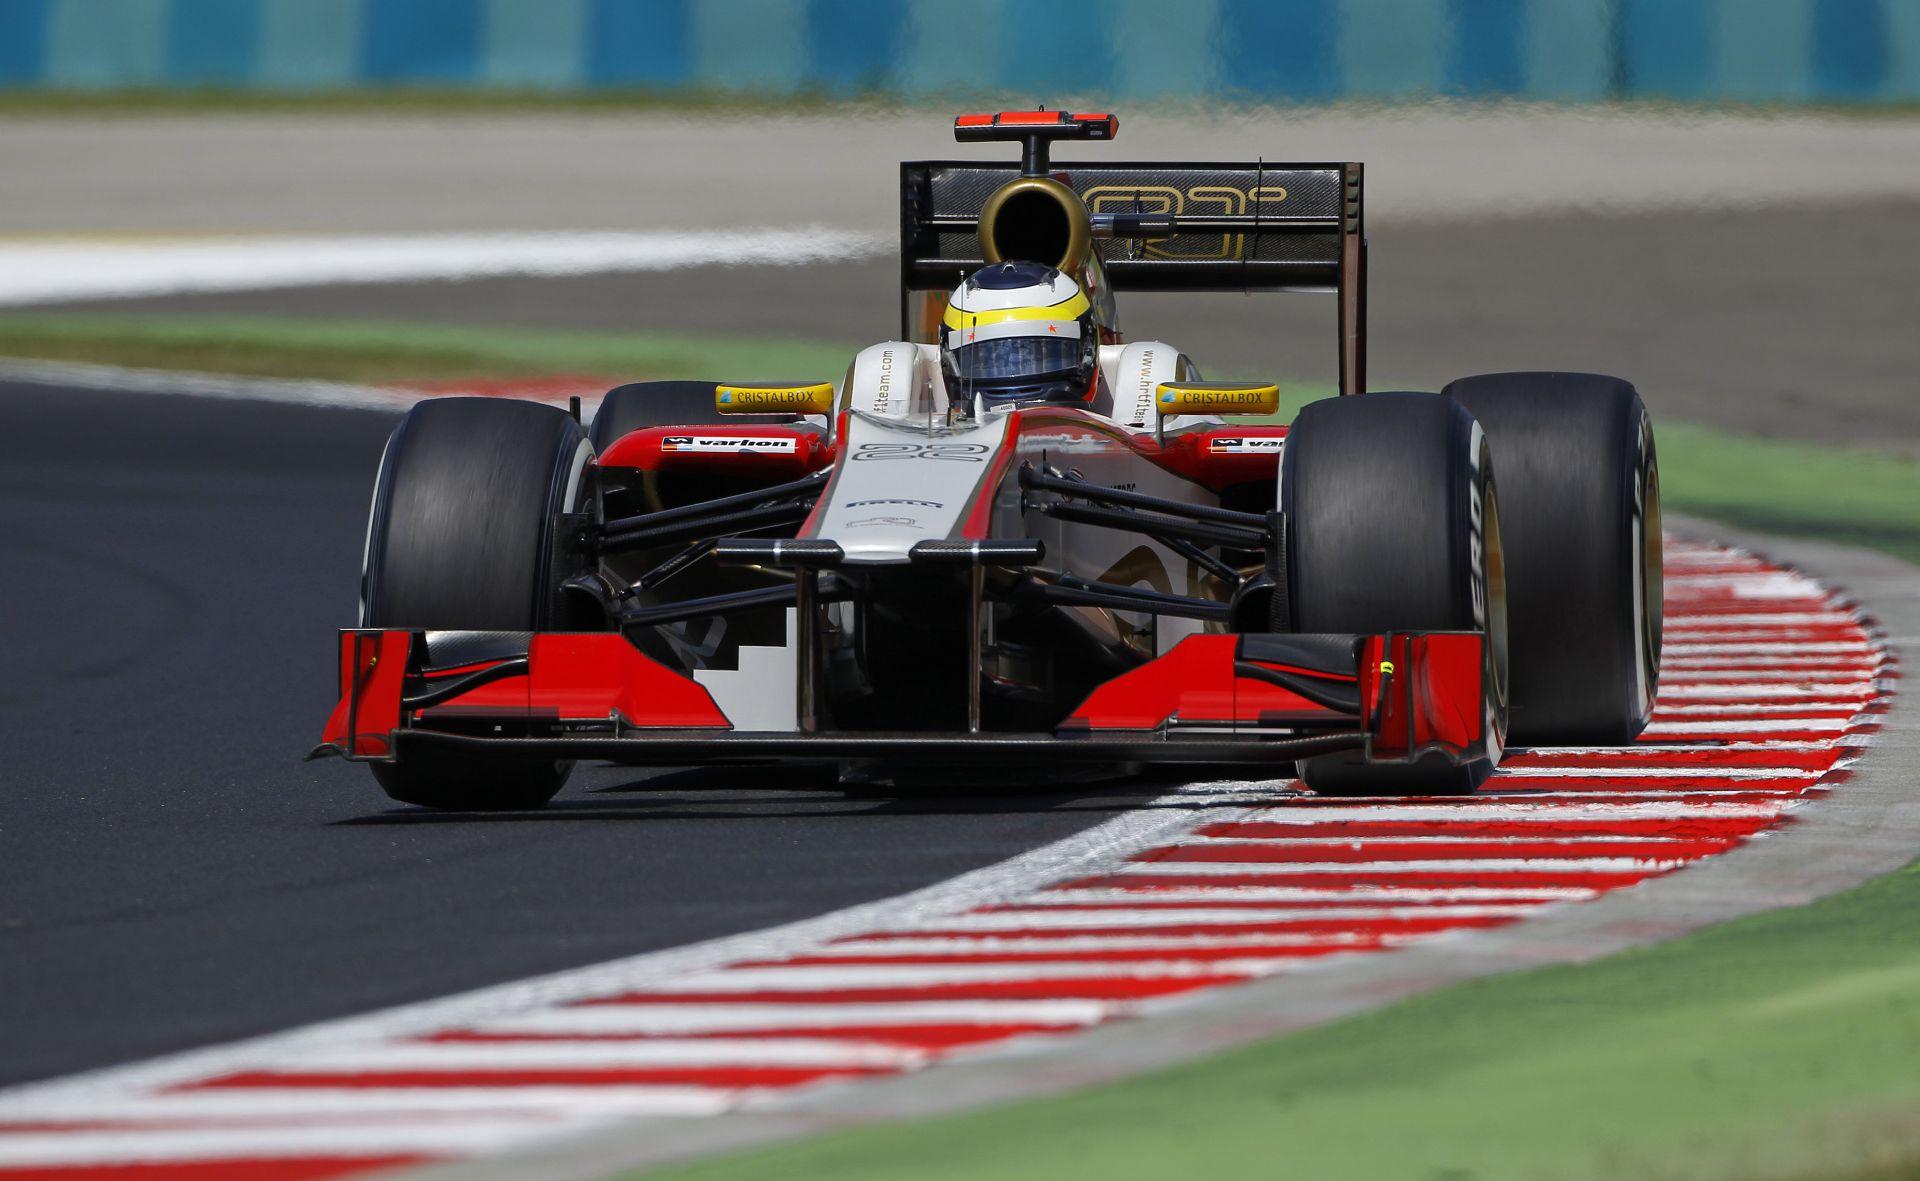 Új F1-es csapatok debütálhatnak a Forma-1-ben!